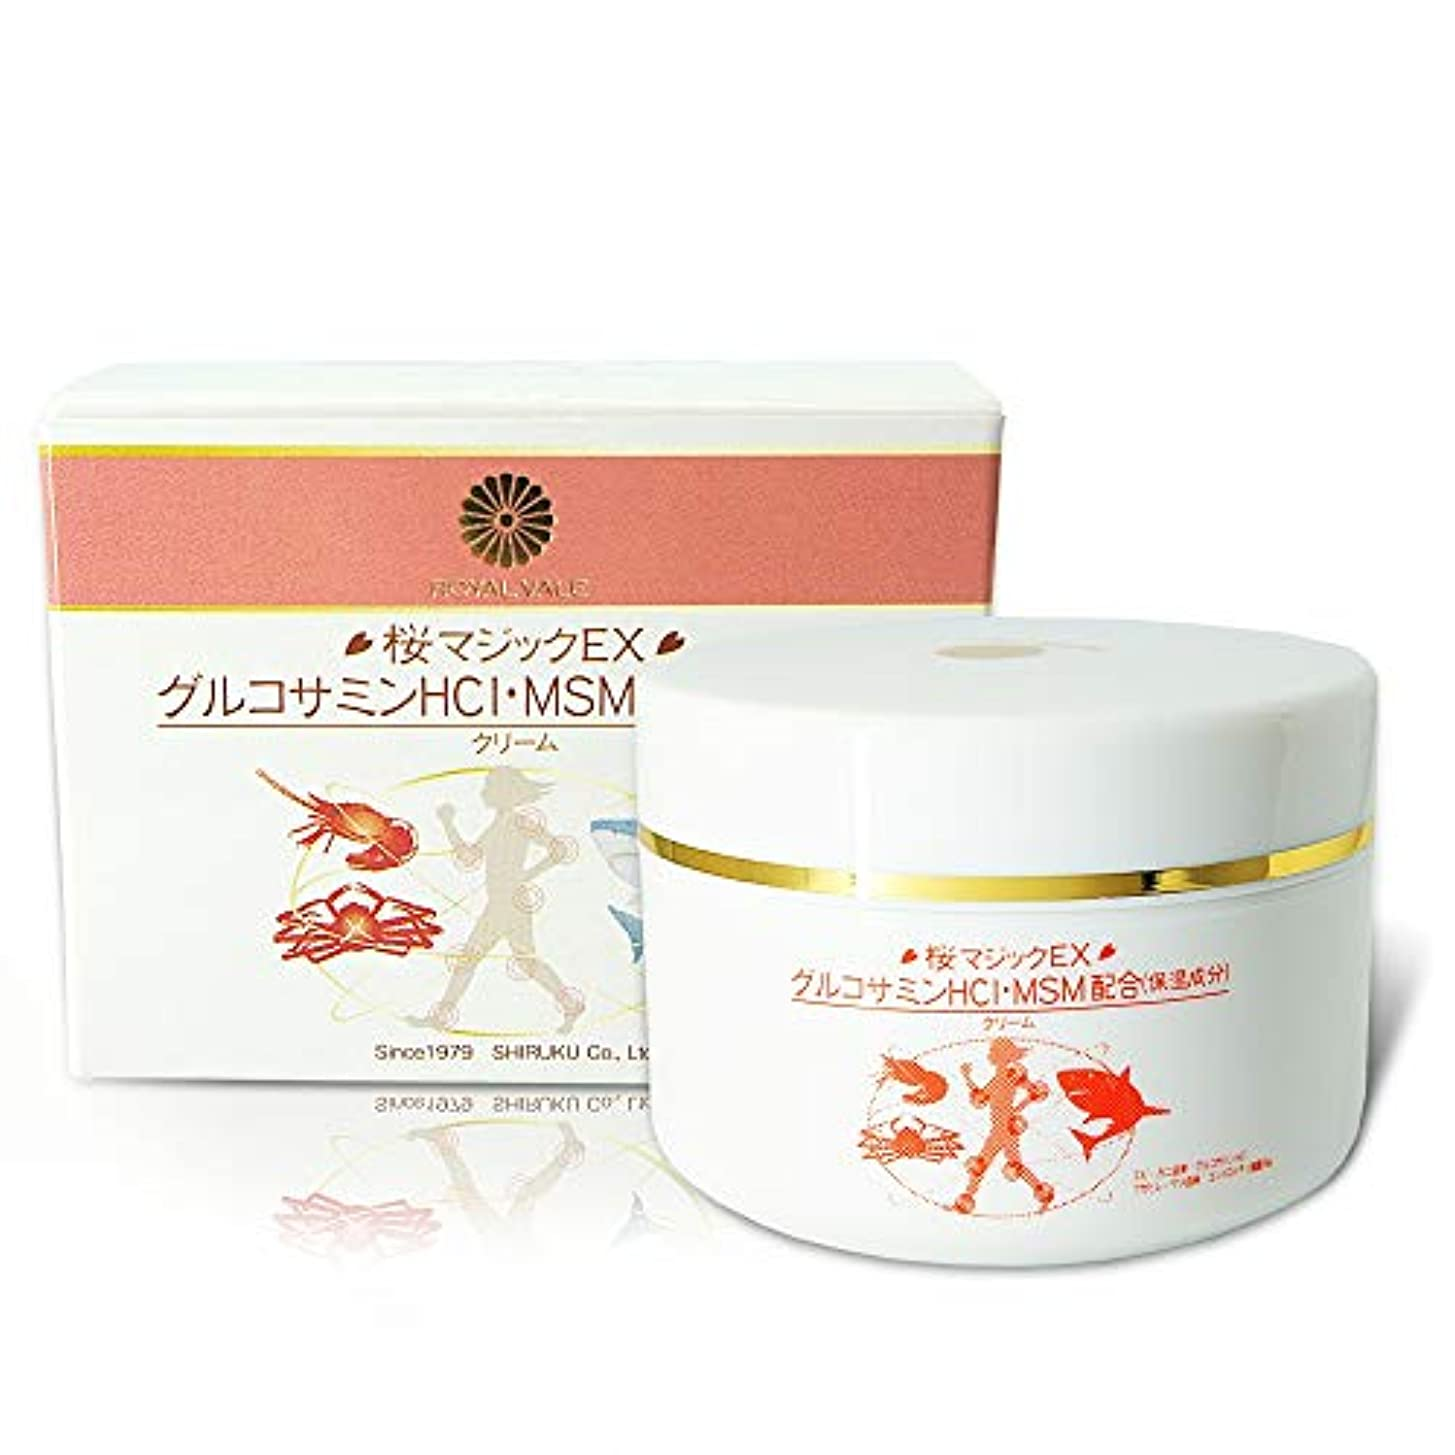 申込み不確実バイナリ桜マジックEXクリ-ム 6個セット